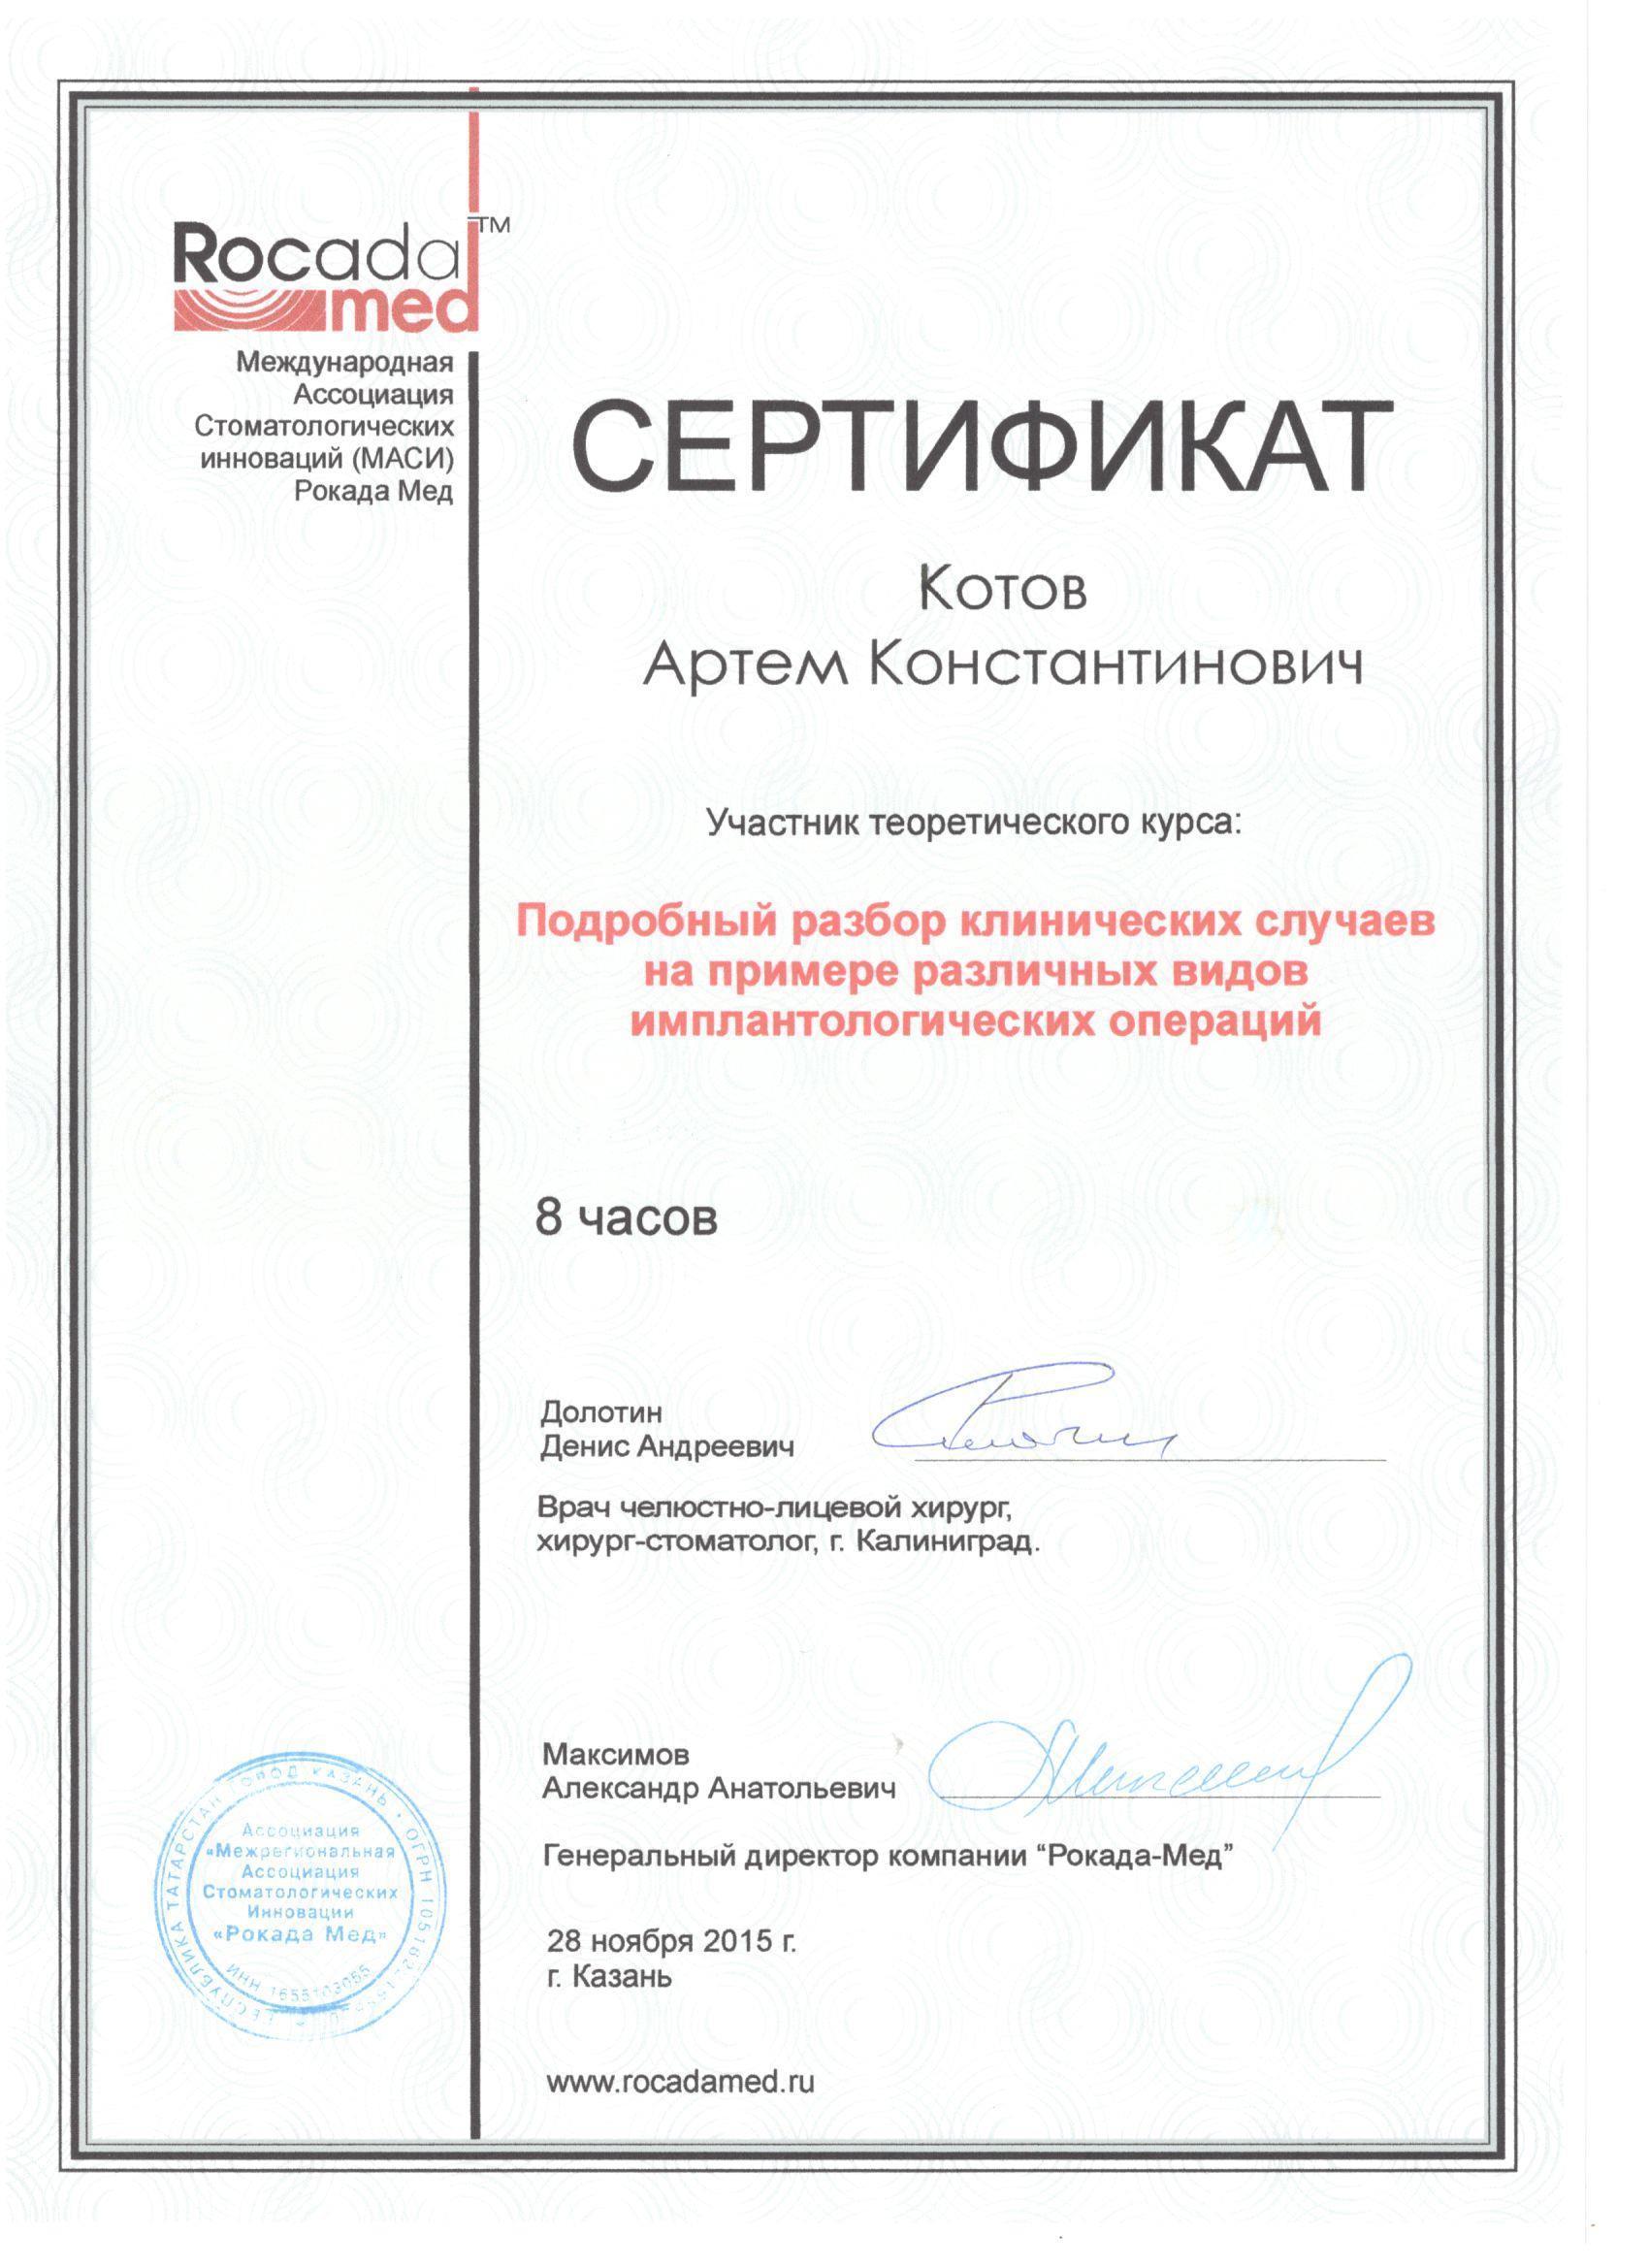 Артем Котов | ВКонтакте | 2338x1700